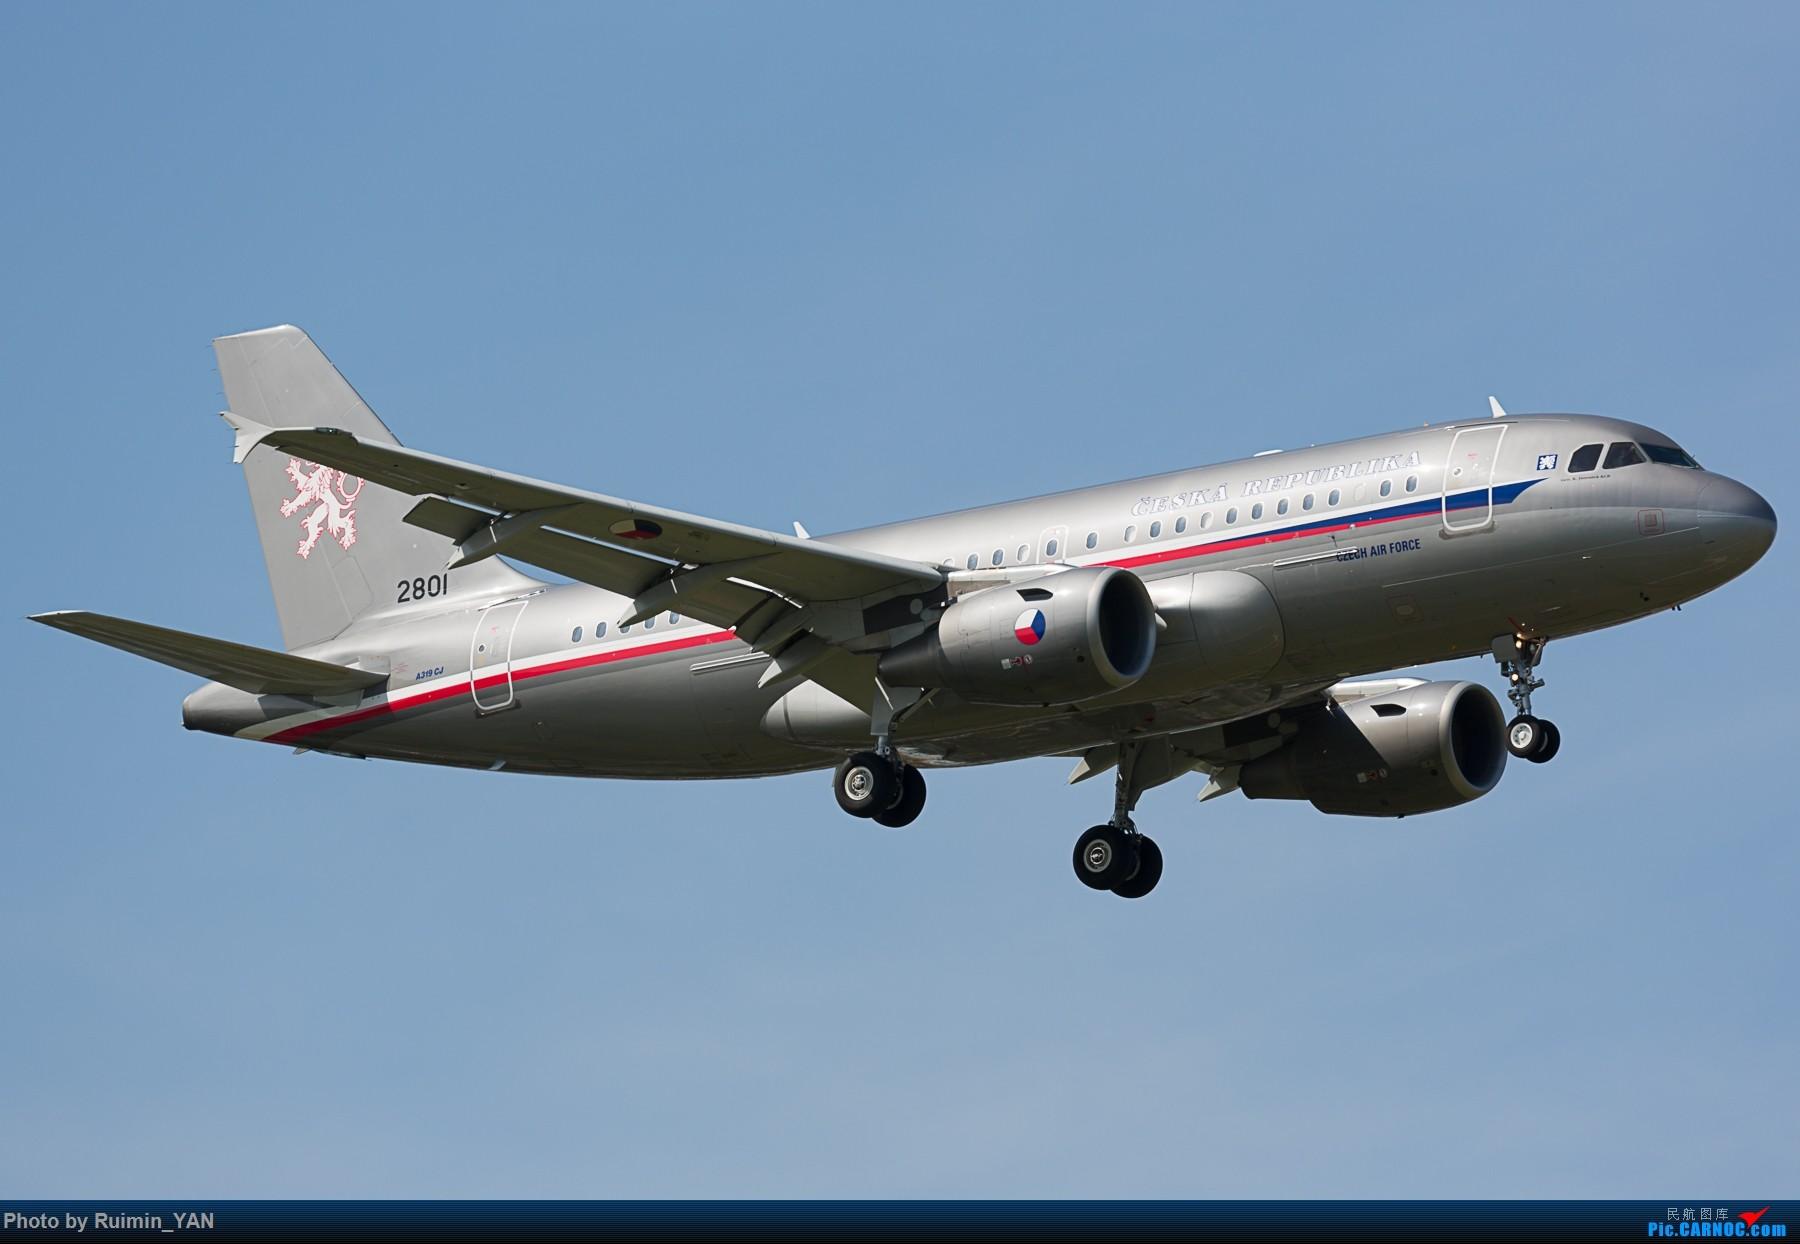 [原创]【PEK】【砖机】捷克总统泽曼访华 捷克空军(Czech Air Force) 2801 A319CJ AIRBUS A319-115CJ 2801 中国北京首都国际机场